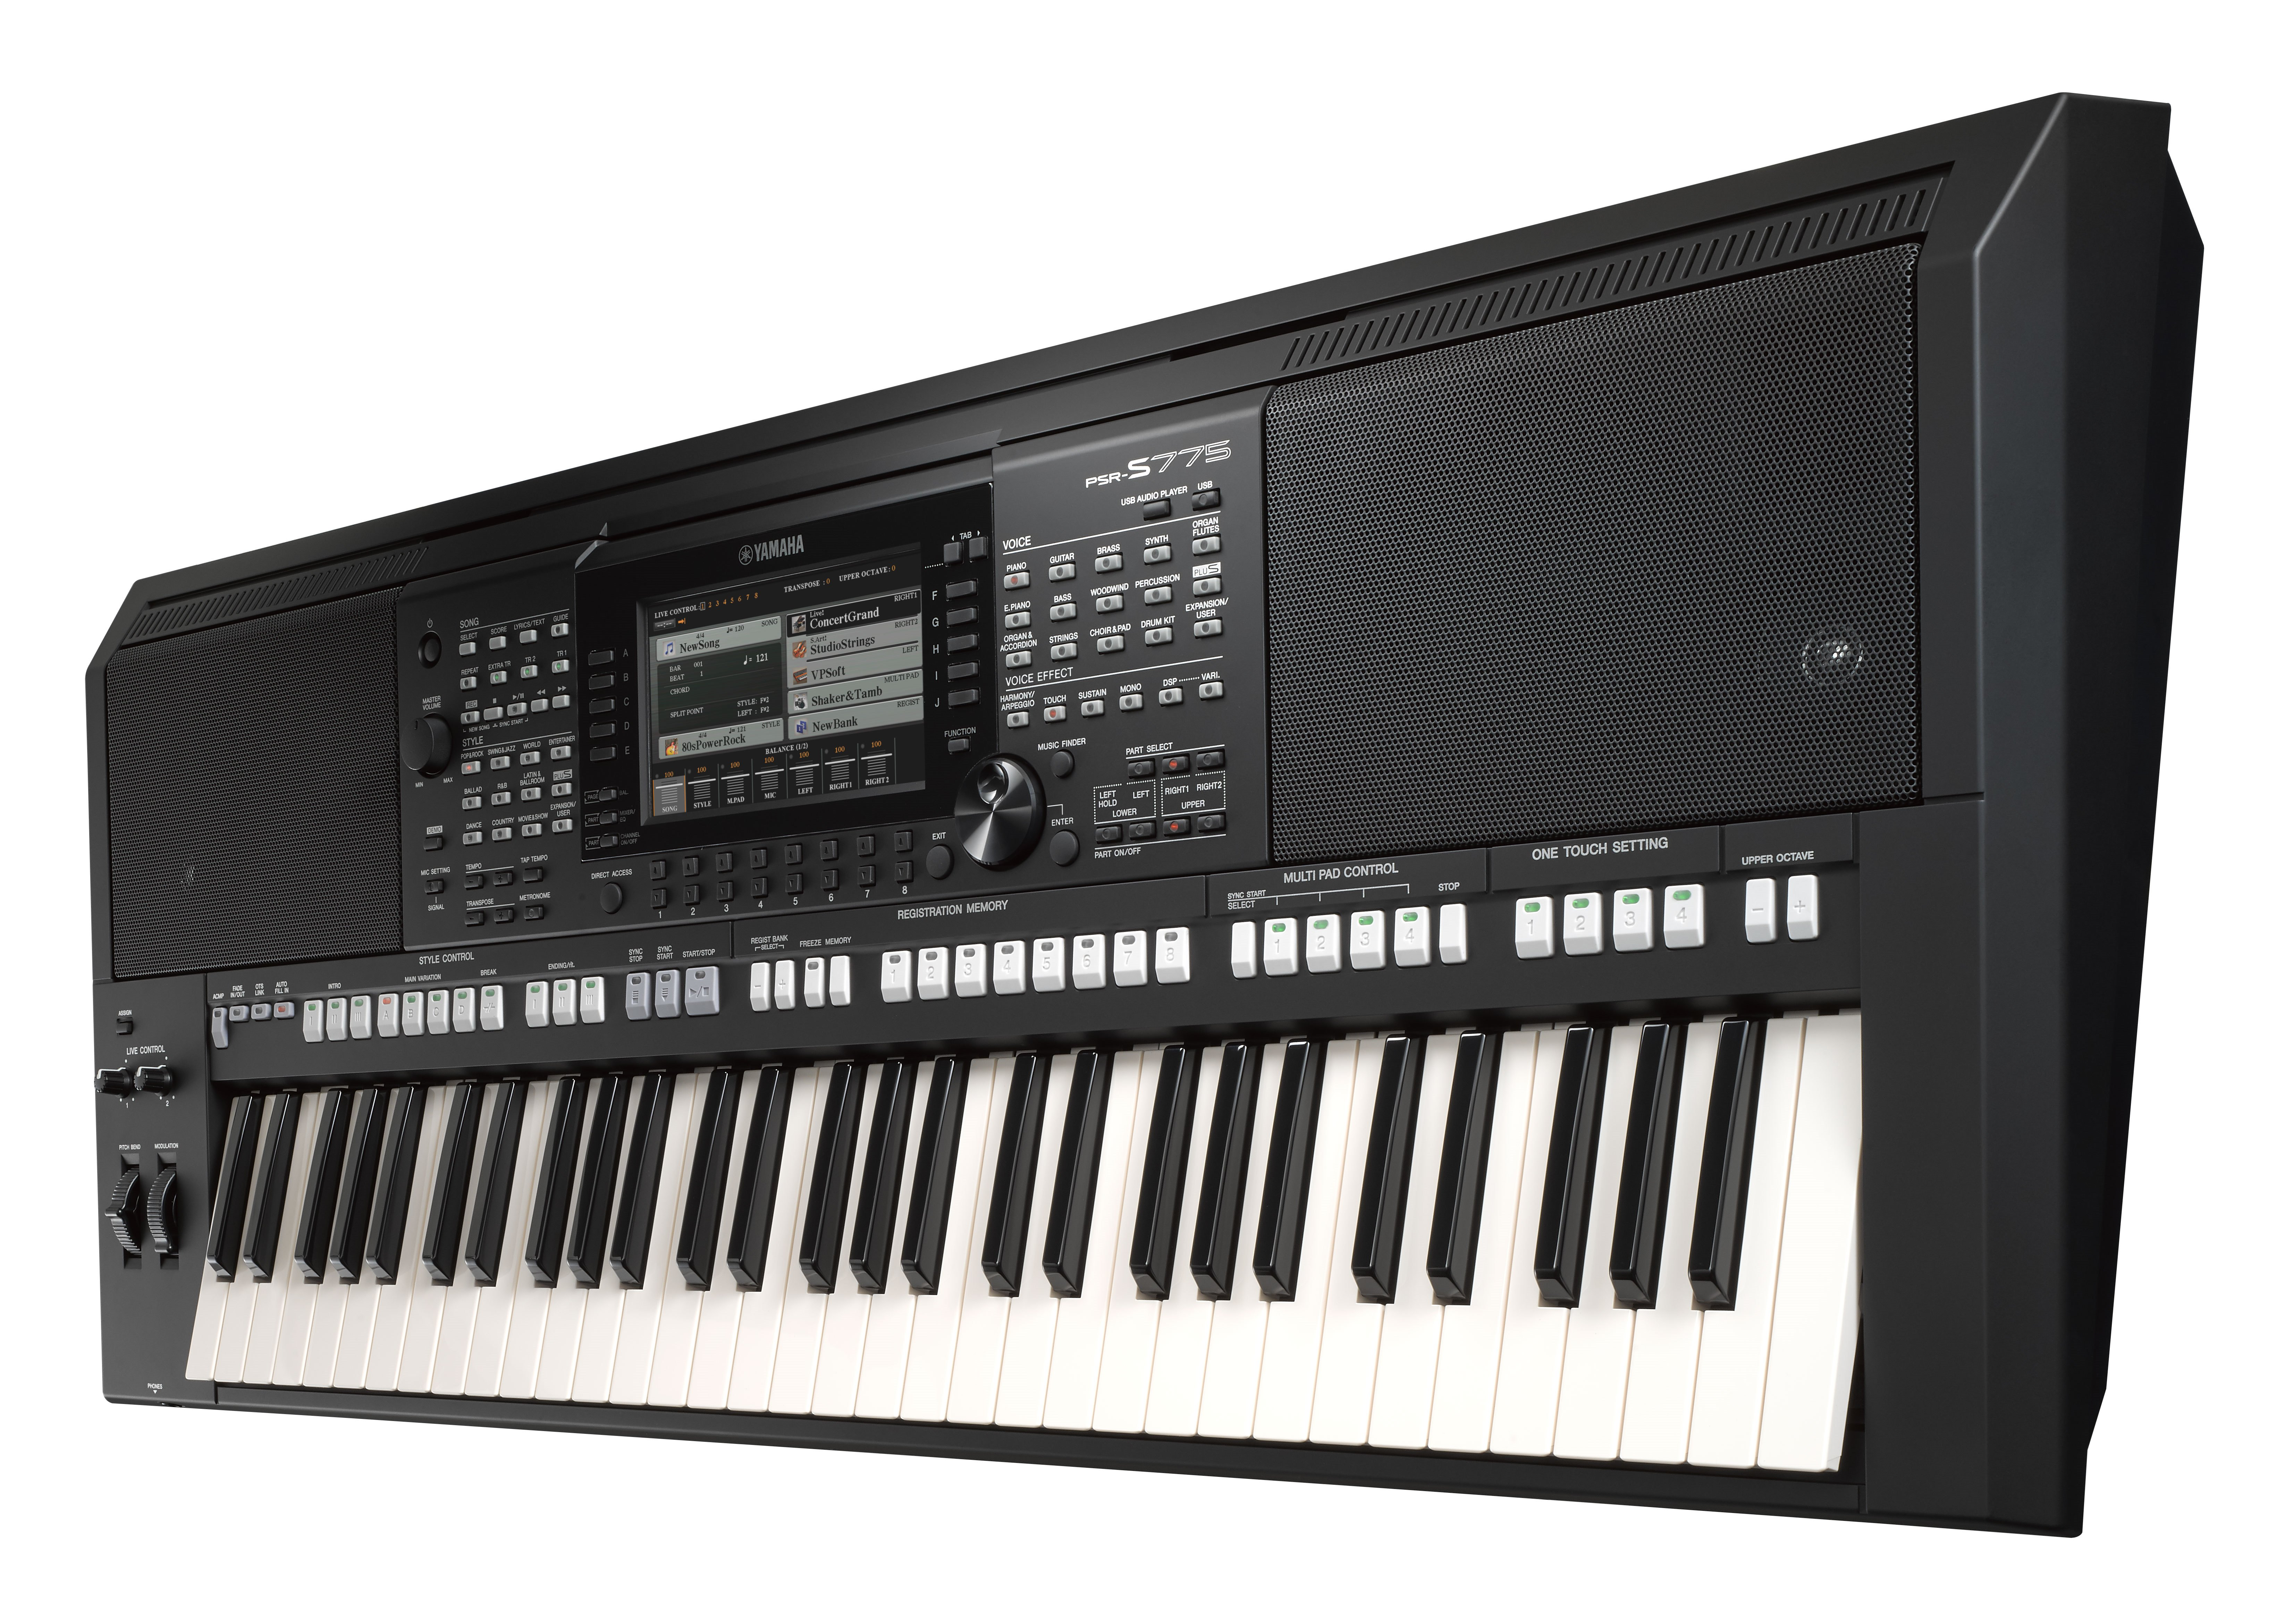 PSR-S775 - Specs - Digital and Arranger Workstations - Keyboard